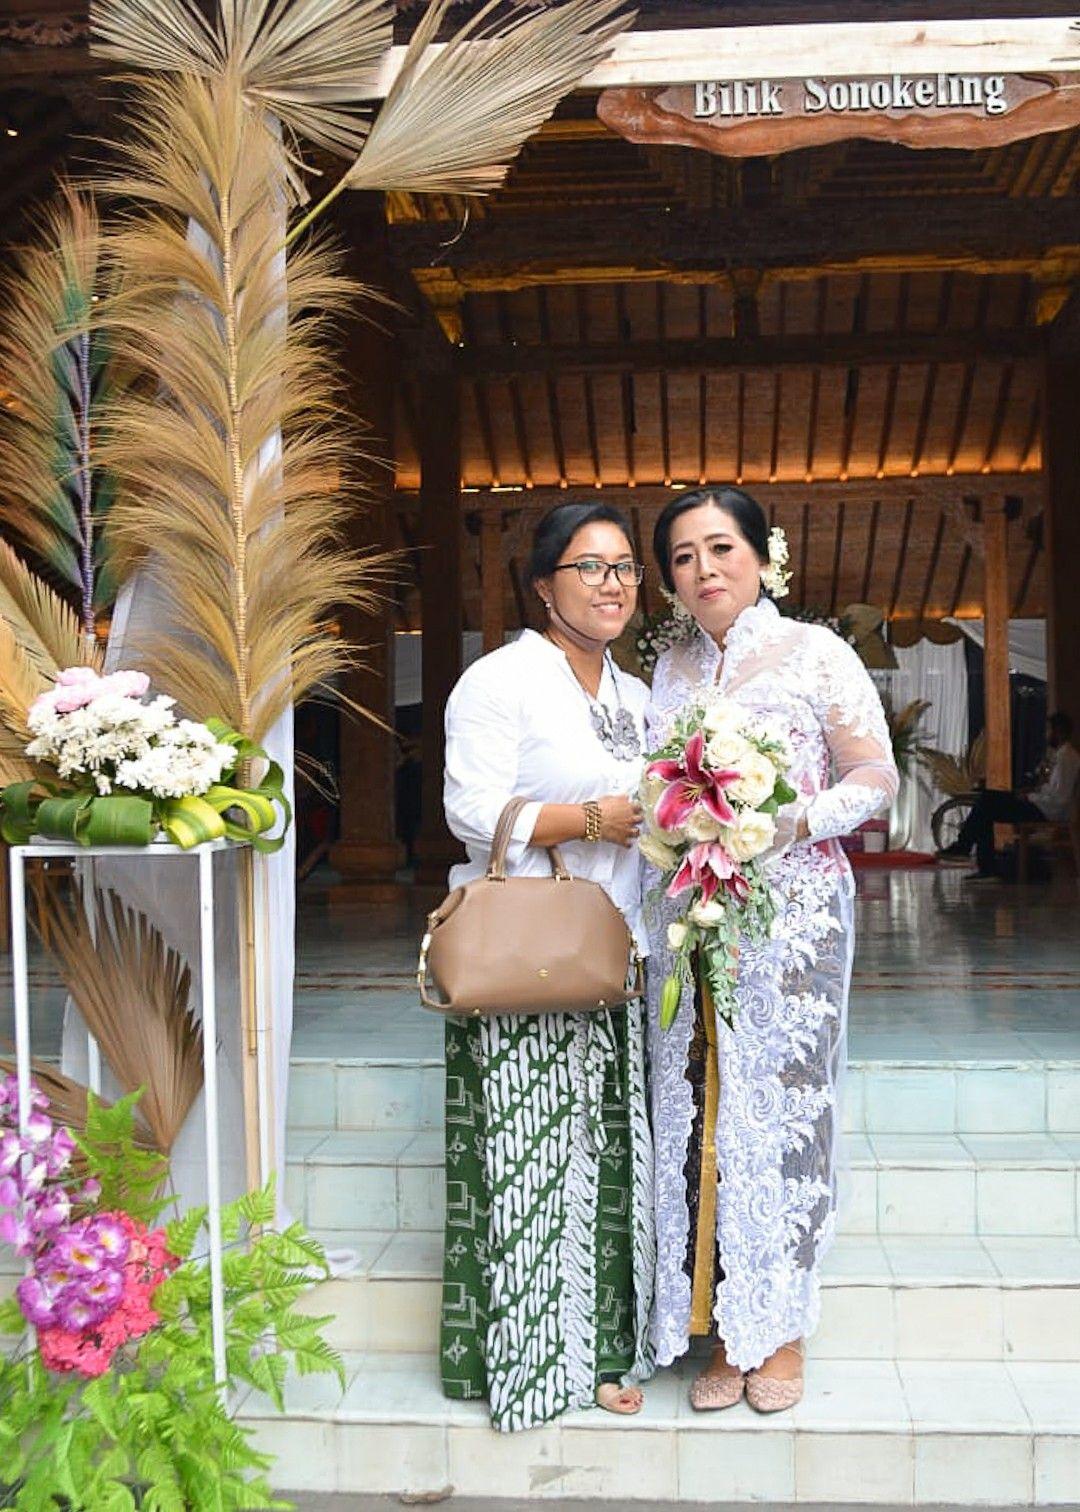 Bilik Kayu Pengantin Pernikahan Acara Pernikahan